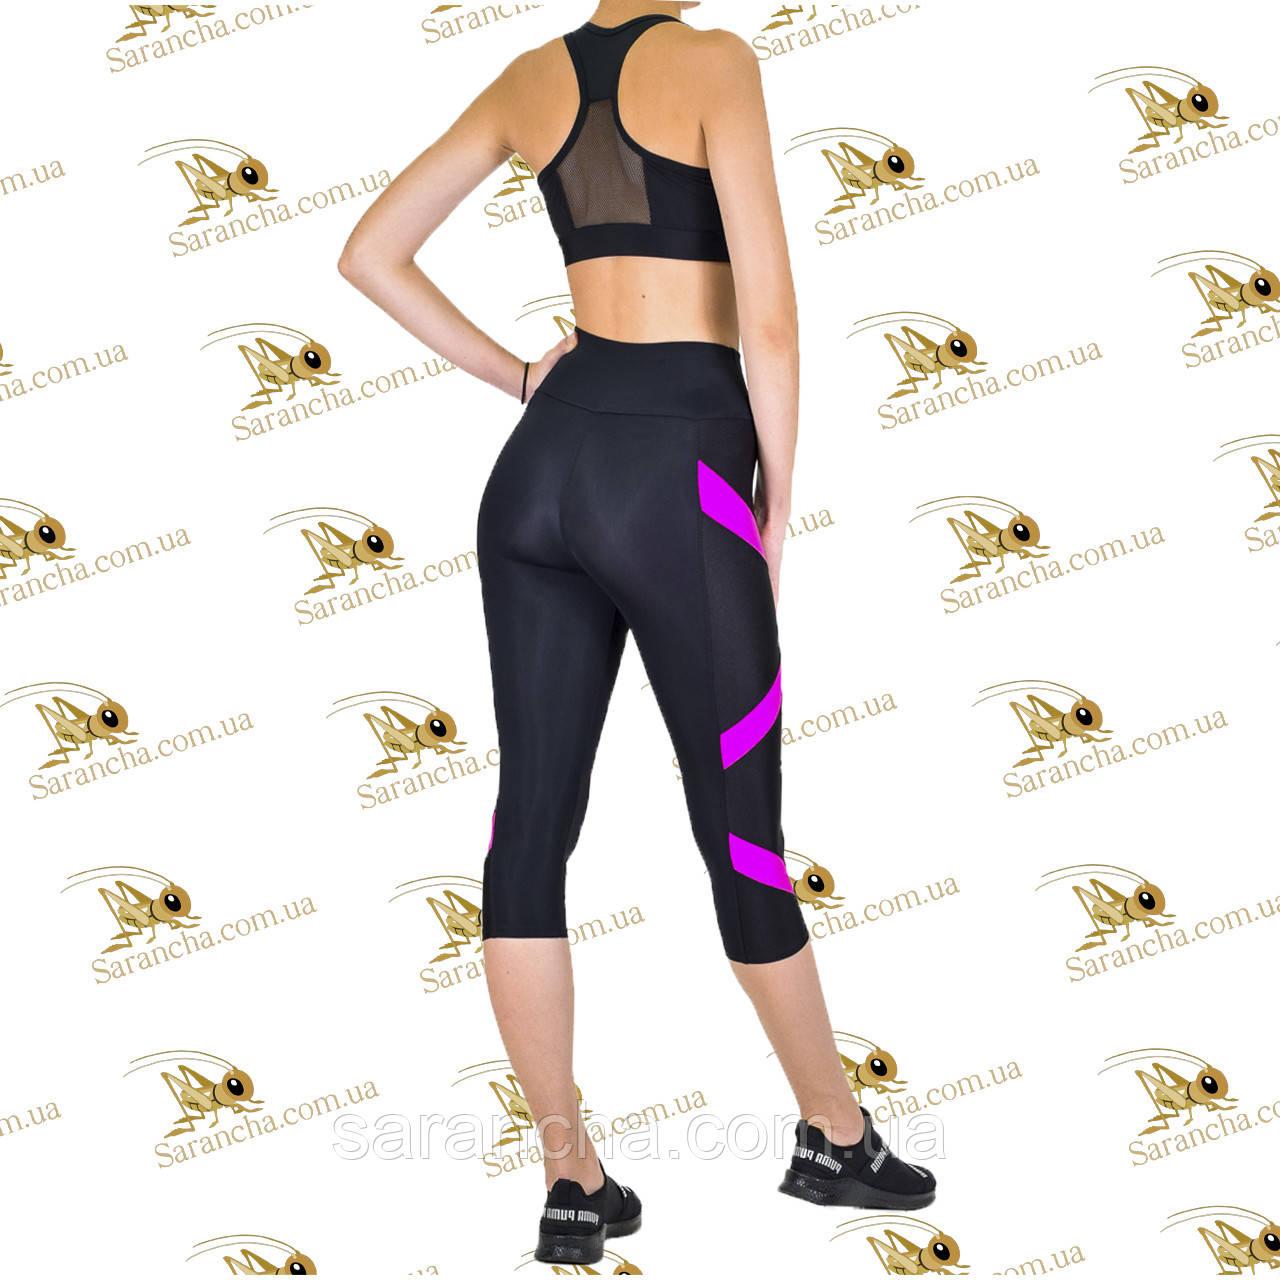 Жіночий спортивний комплект з рожевими вставками з мікрофібри бриджі та топ